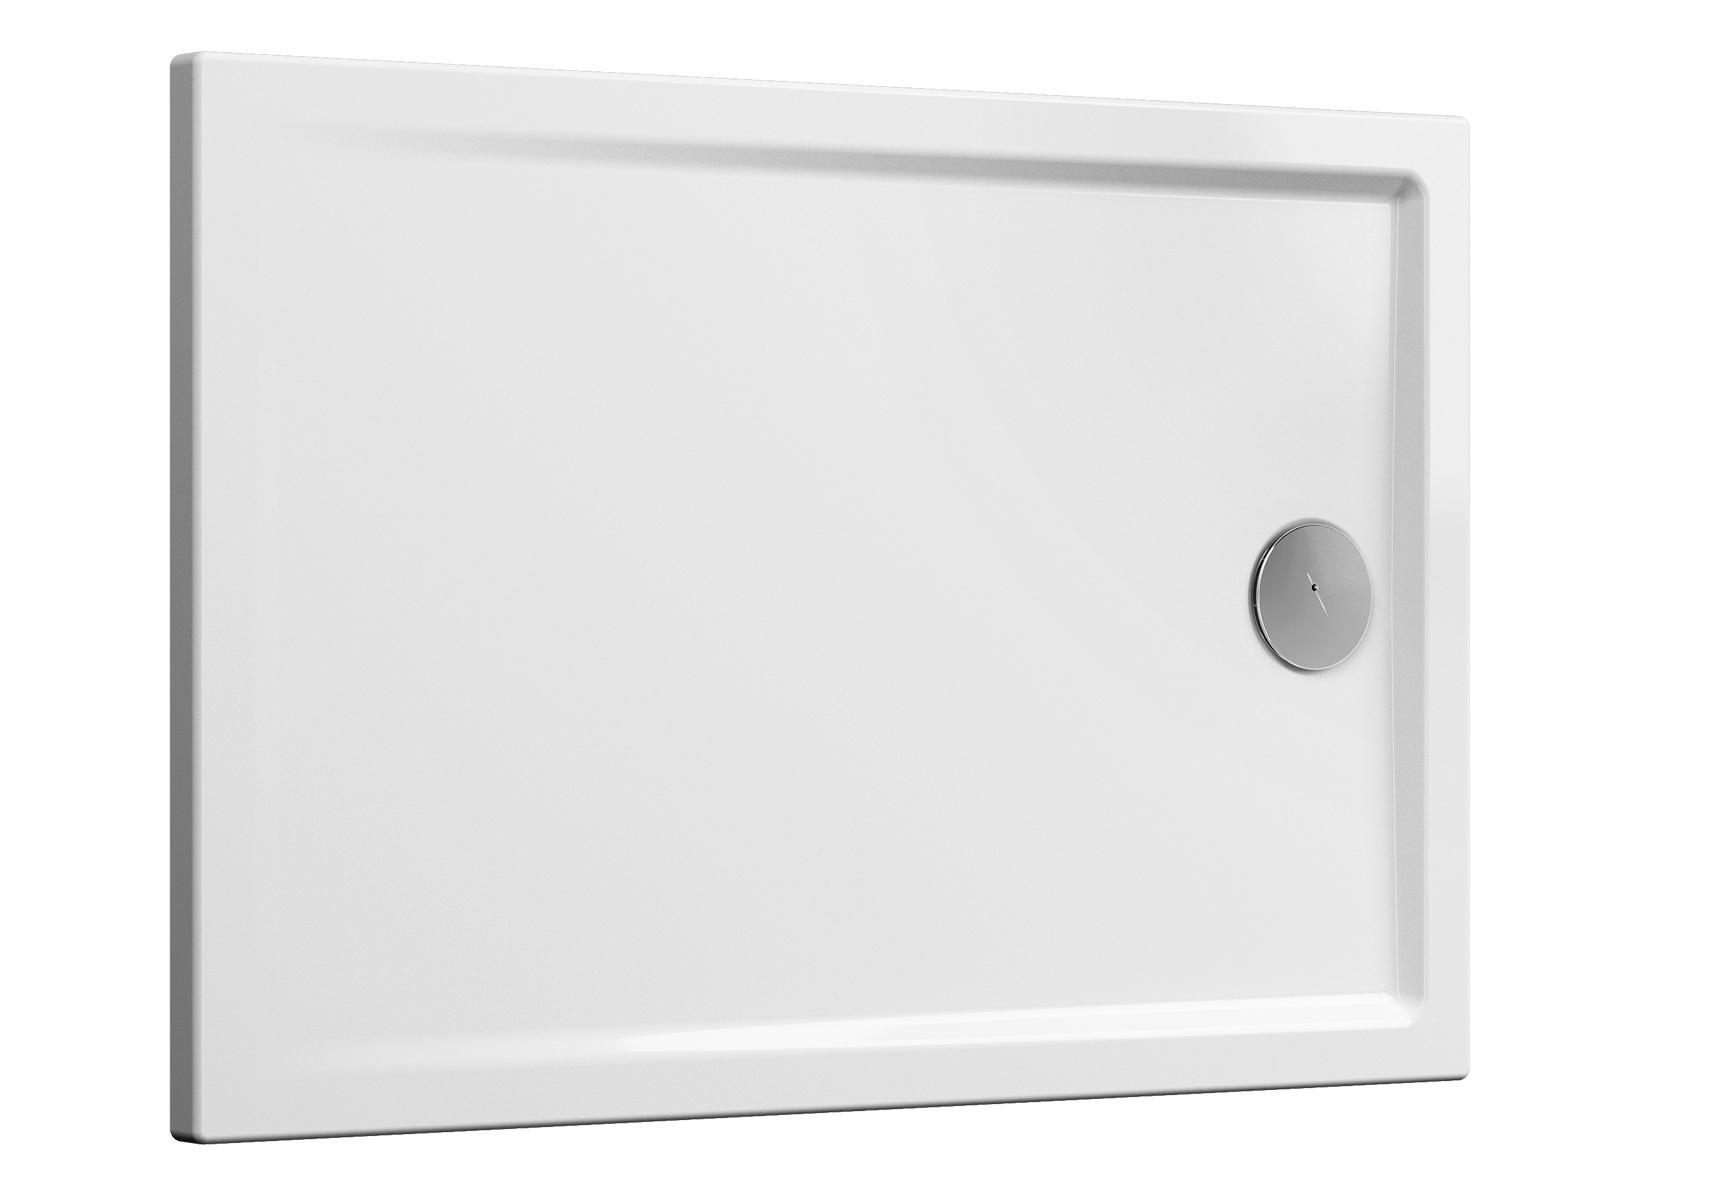 Cascade receveur ultra plat en céramique, 120  x  80 cm, blanc